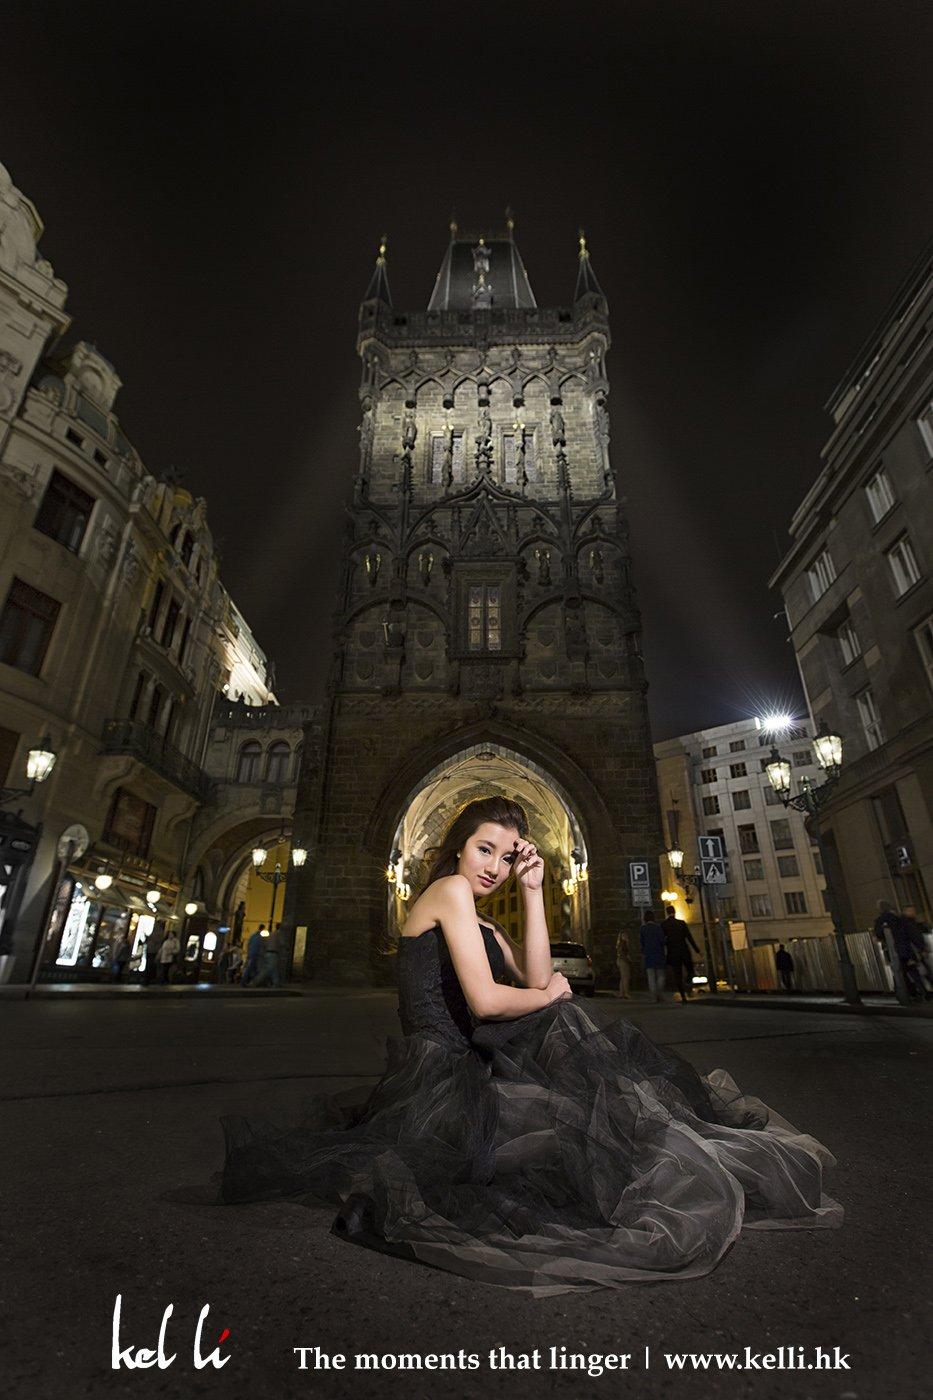 新人在布拉格動人的夜景襯托下,更加動人   Prewedding phtoos at night in Prague. It's simply beautiful.